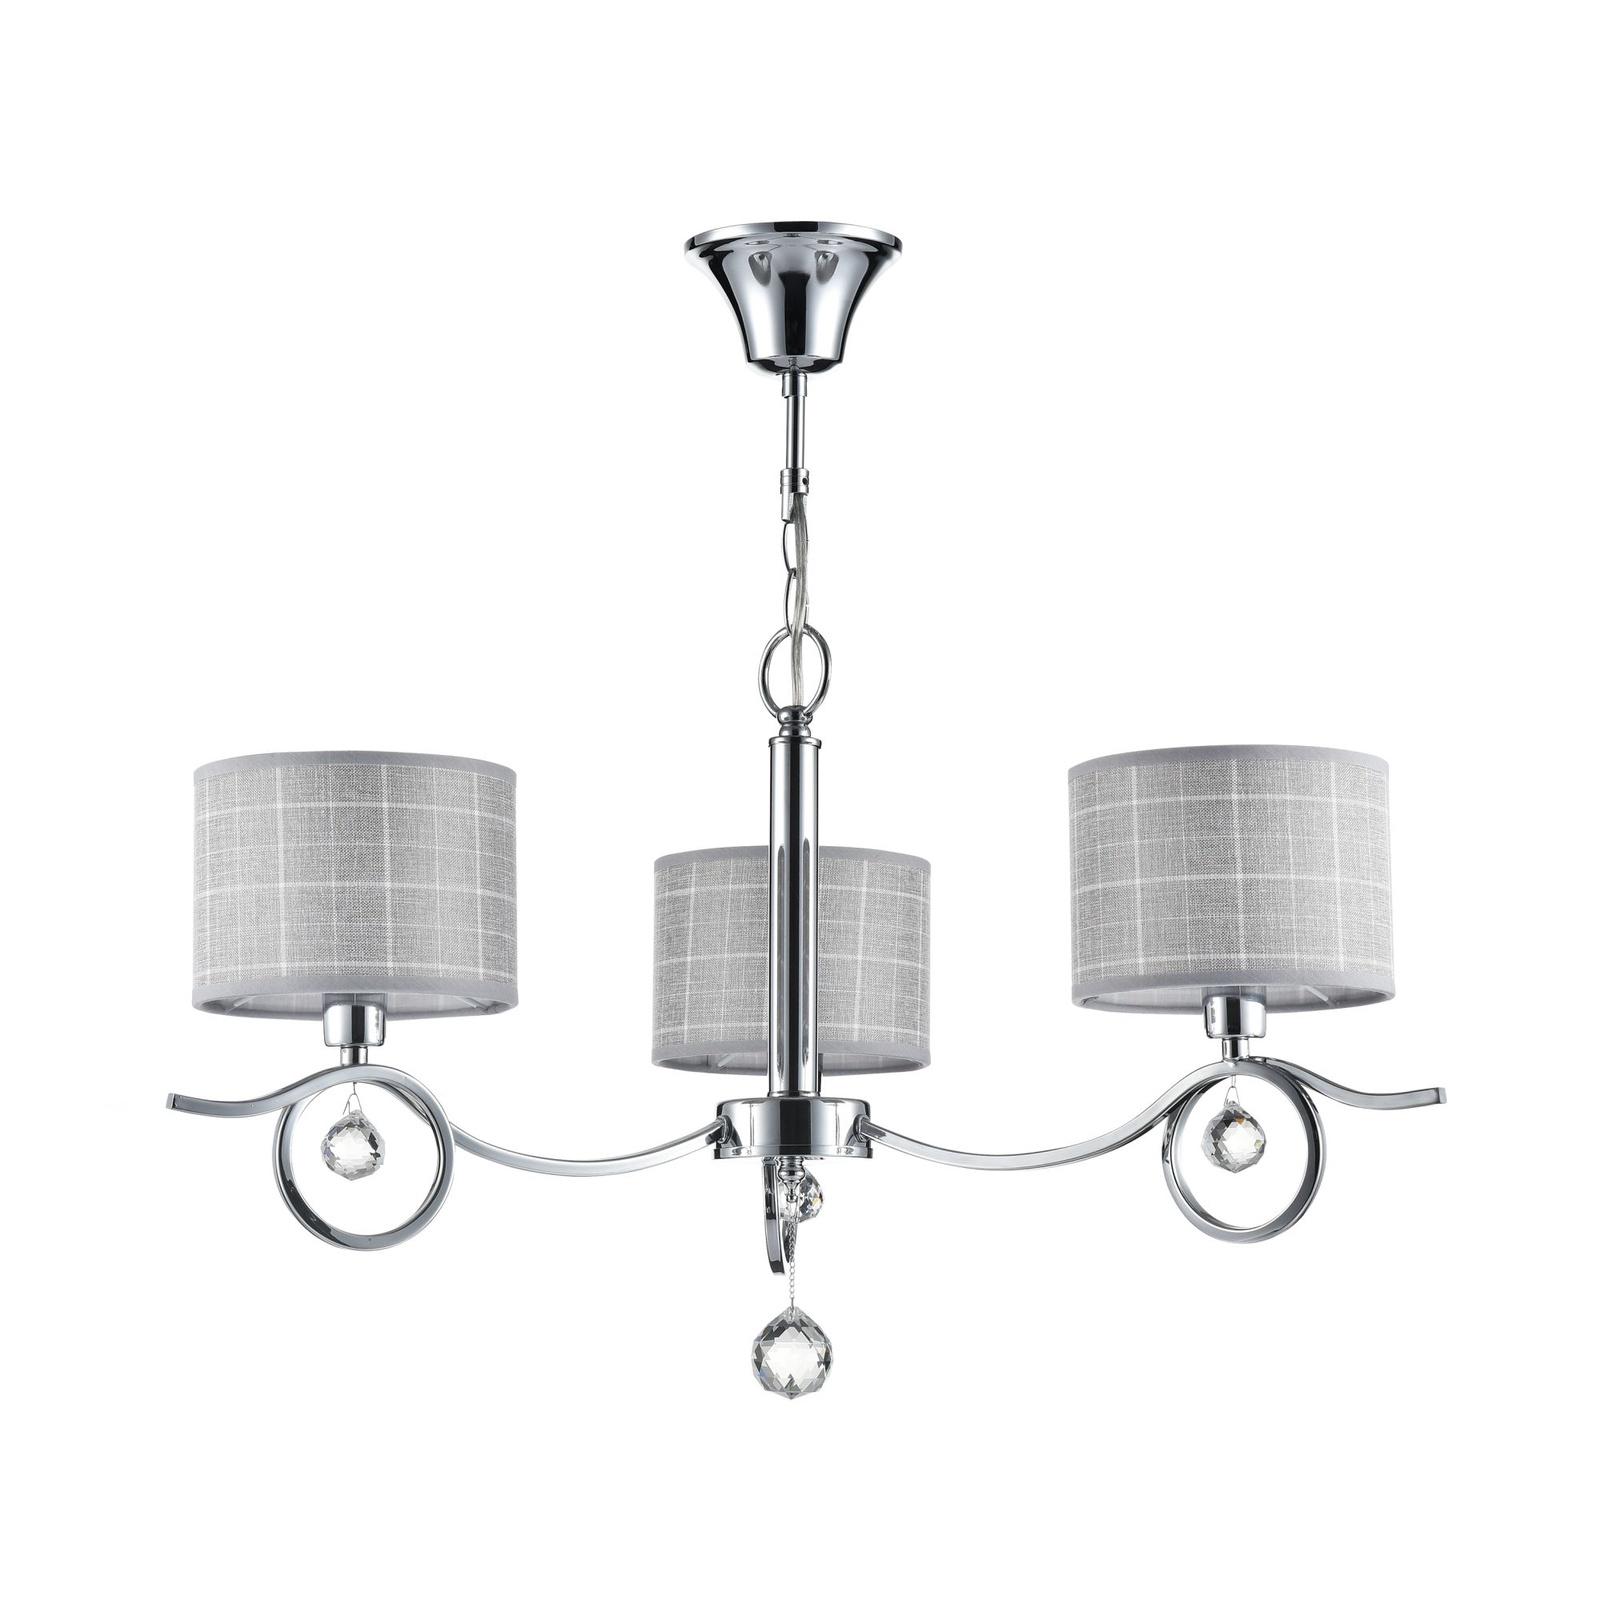 Потолочный светильник Freya FR5906-PL-03-CH светильник freya fr3403 pl 08 wg